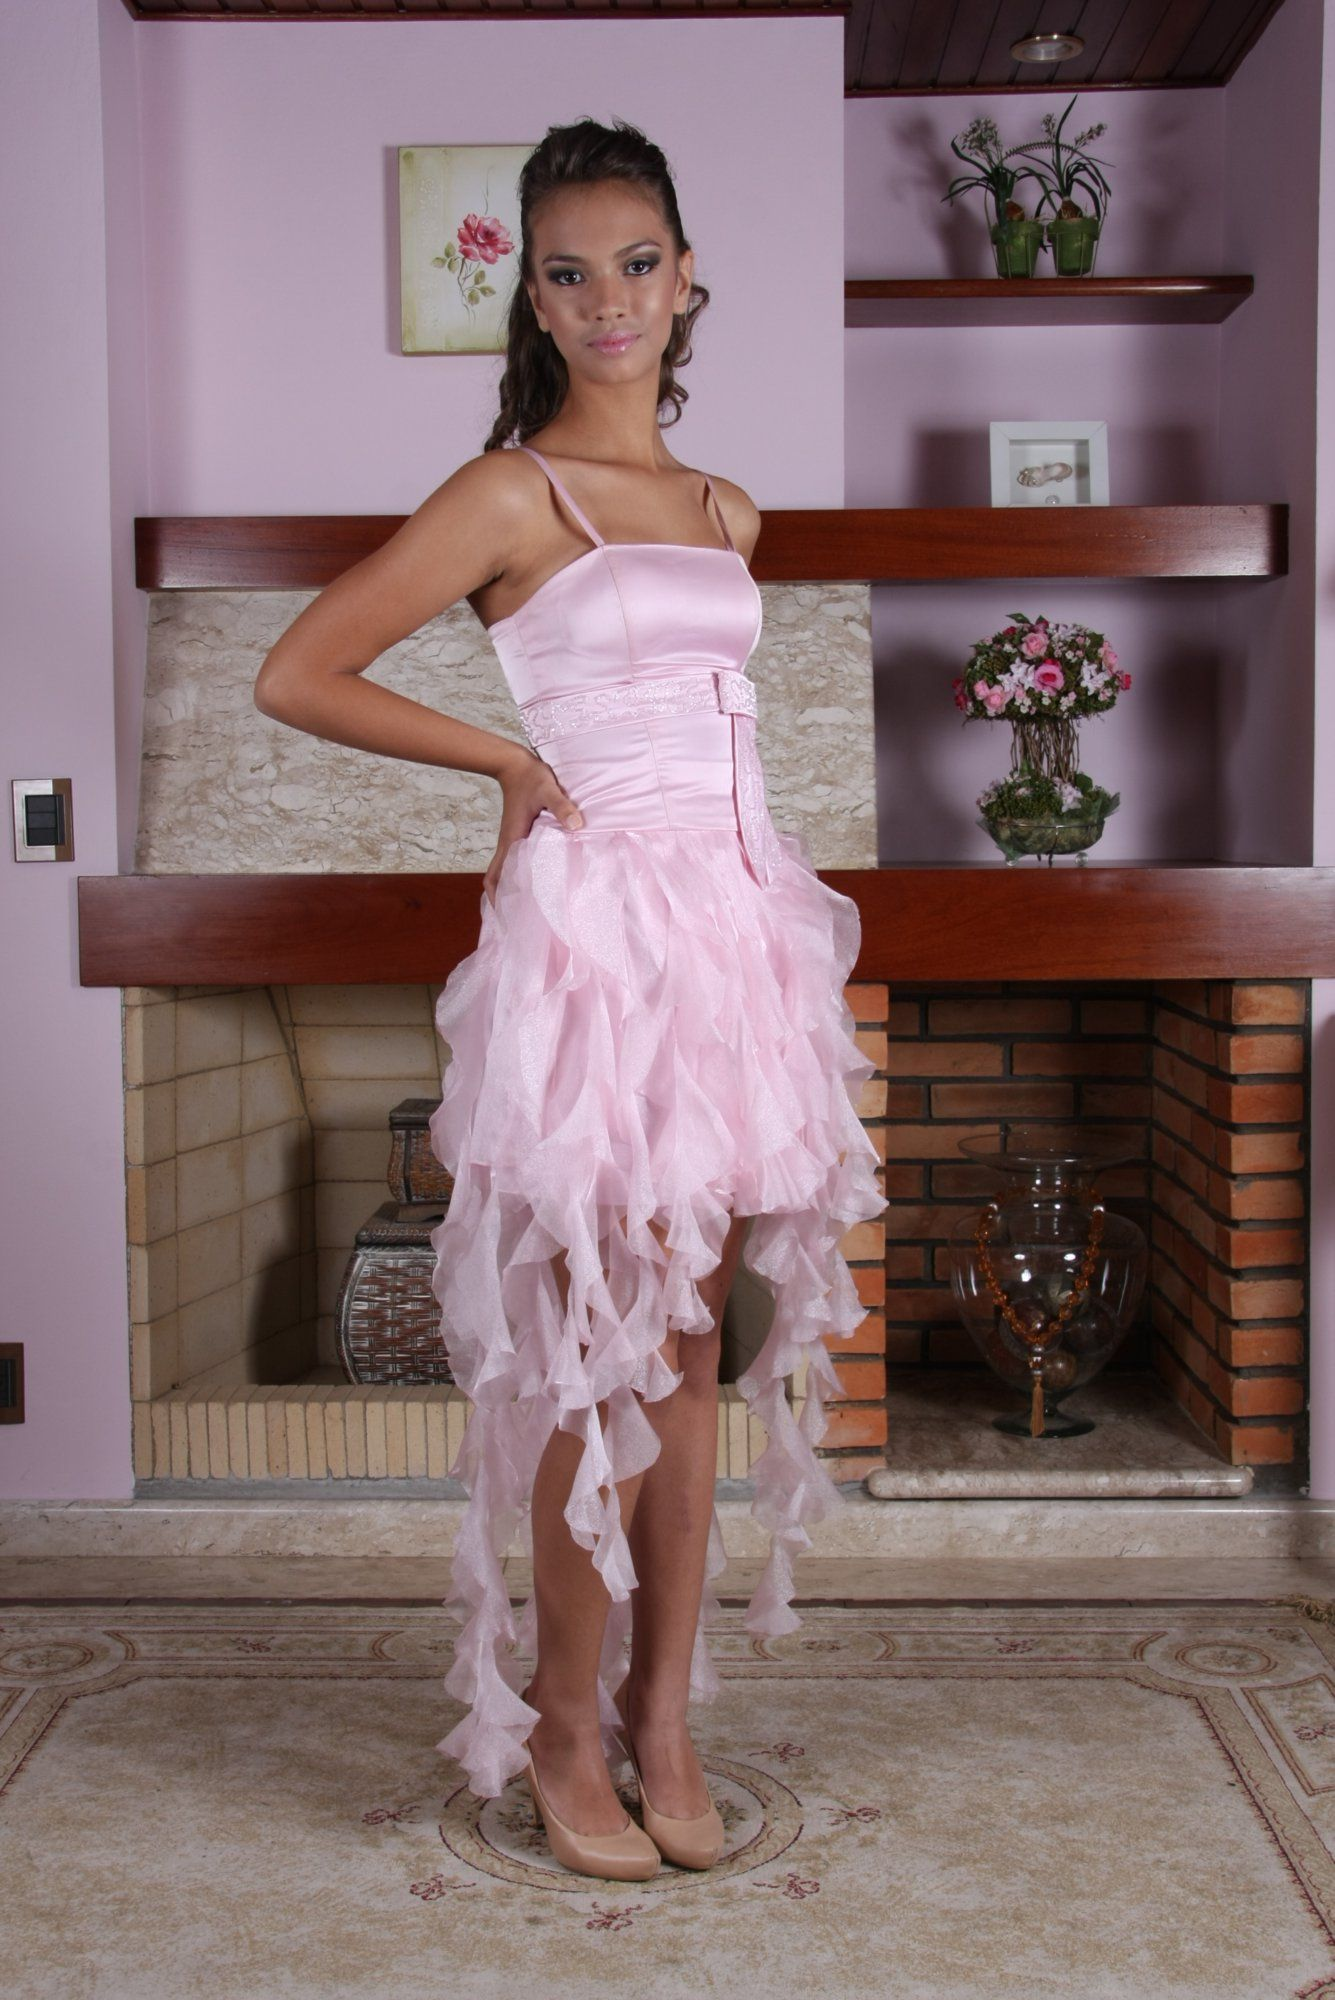 Vestido de Debutante Rosa - 11 - Hipnose Alta Costura e Spa para Noivas e Noivos - Campinas - SP Vestido de Debutante, Vestido de Debutante Rosa, Hipnose Alta Costura